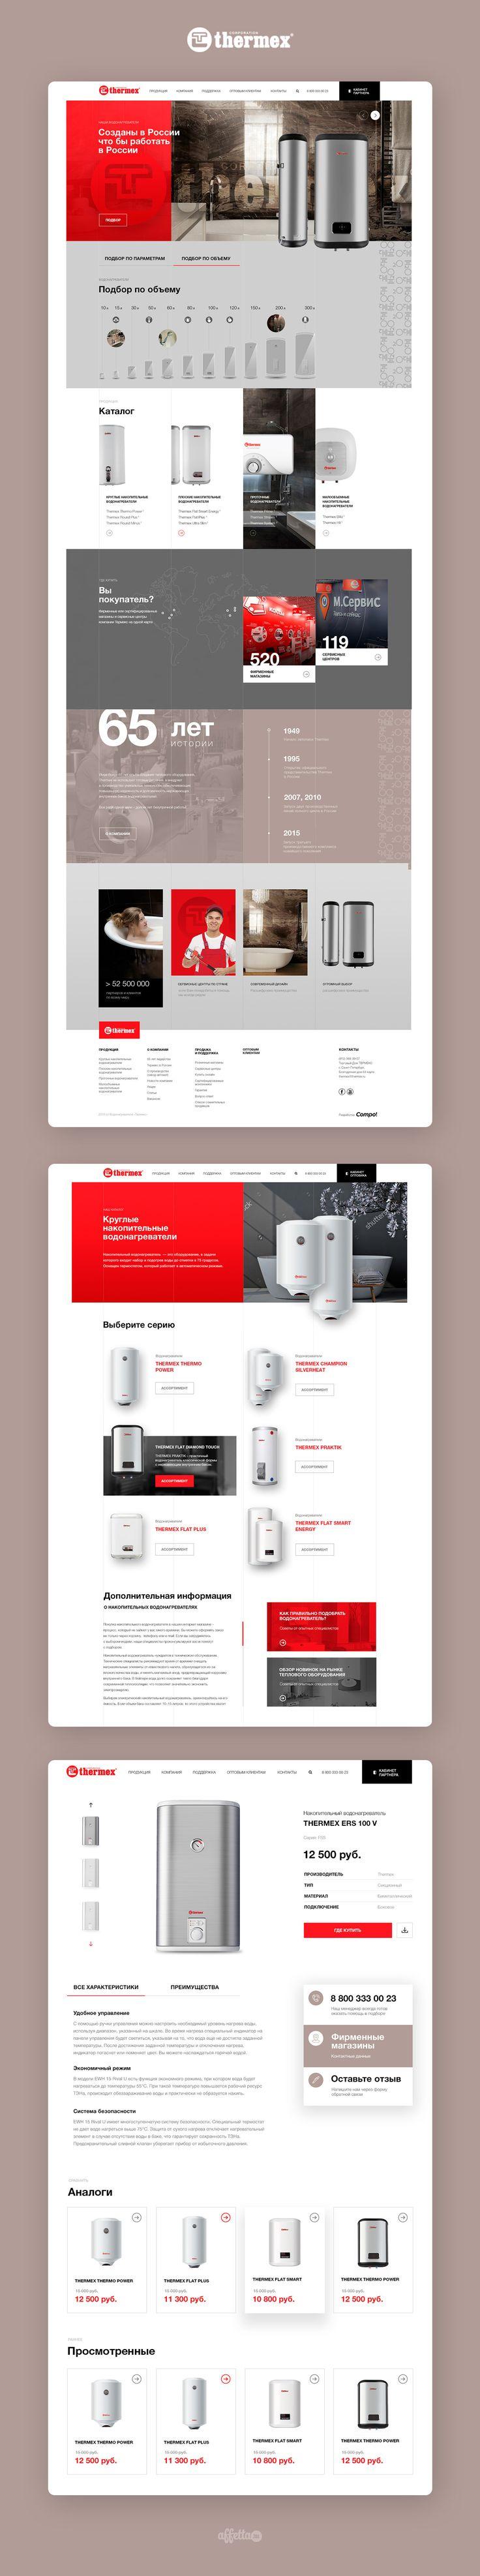 Ознакомьтесь с этим проектом @Behance: «water heaters Thermex» https://www.behance.net/gallery/60093395/water-heaters-Thermex